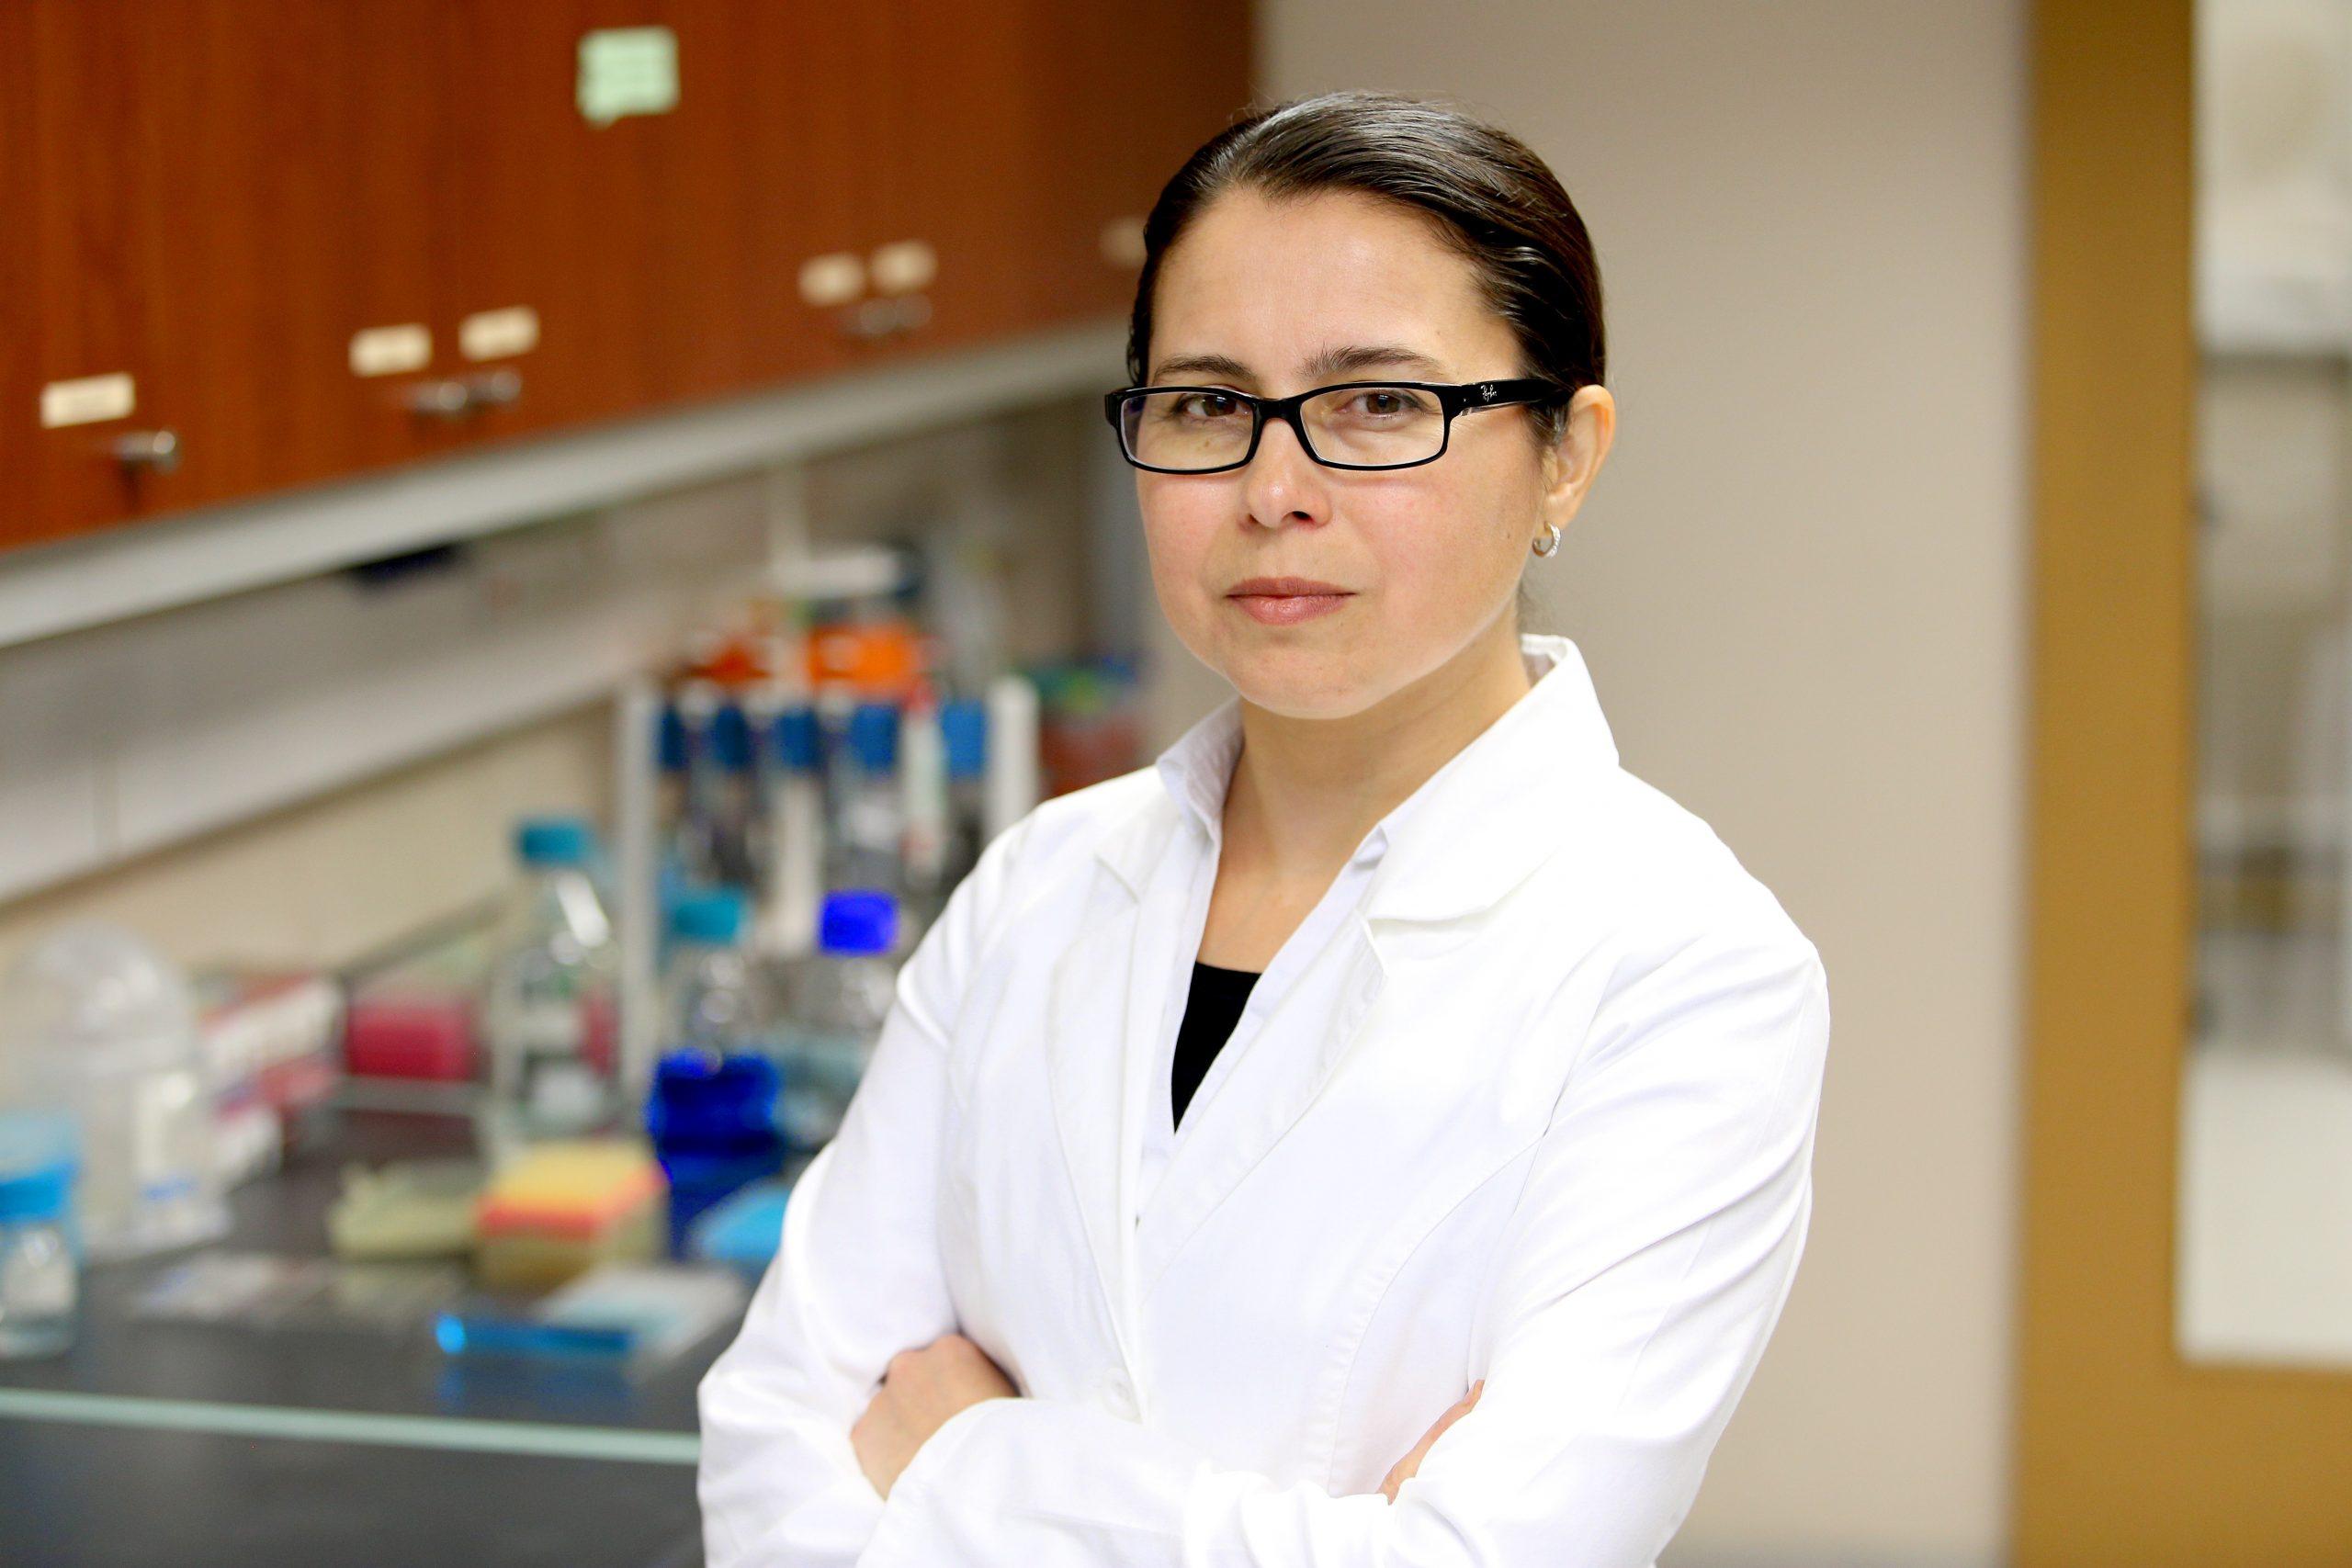 """La doctora Susan Bueno nos habló de alimentación saludable: """"Tenemos que volver a consumir alimentos naturales"""""""